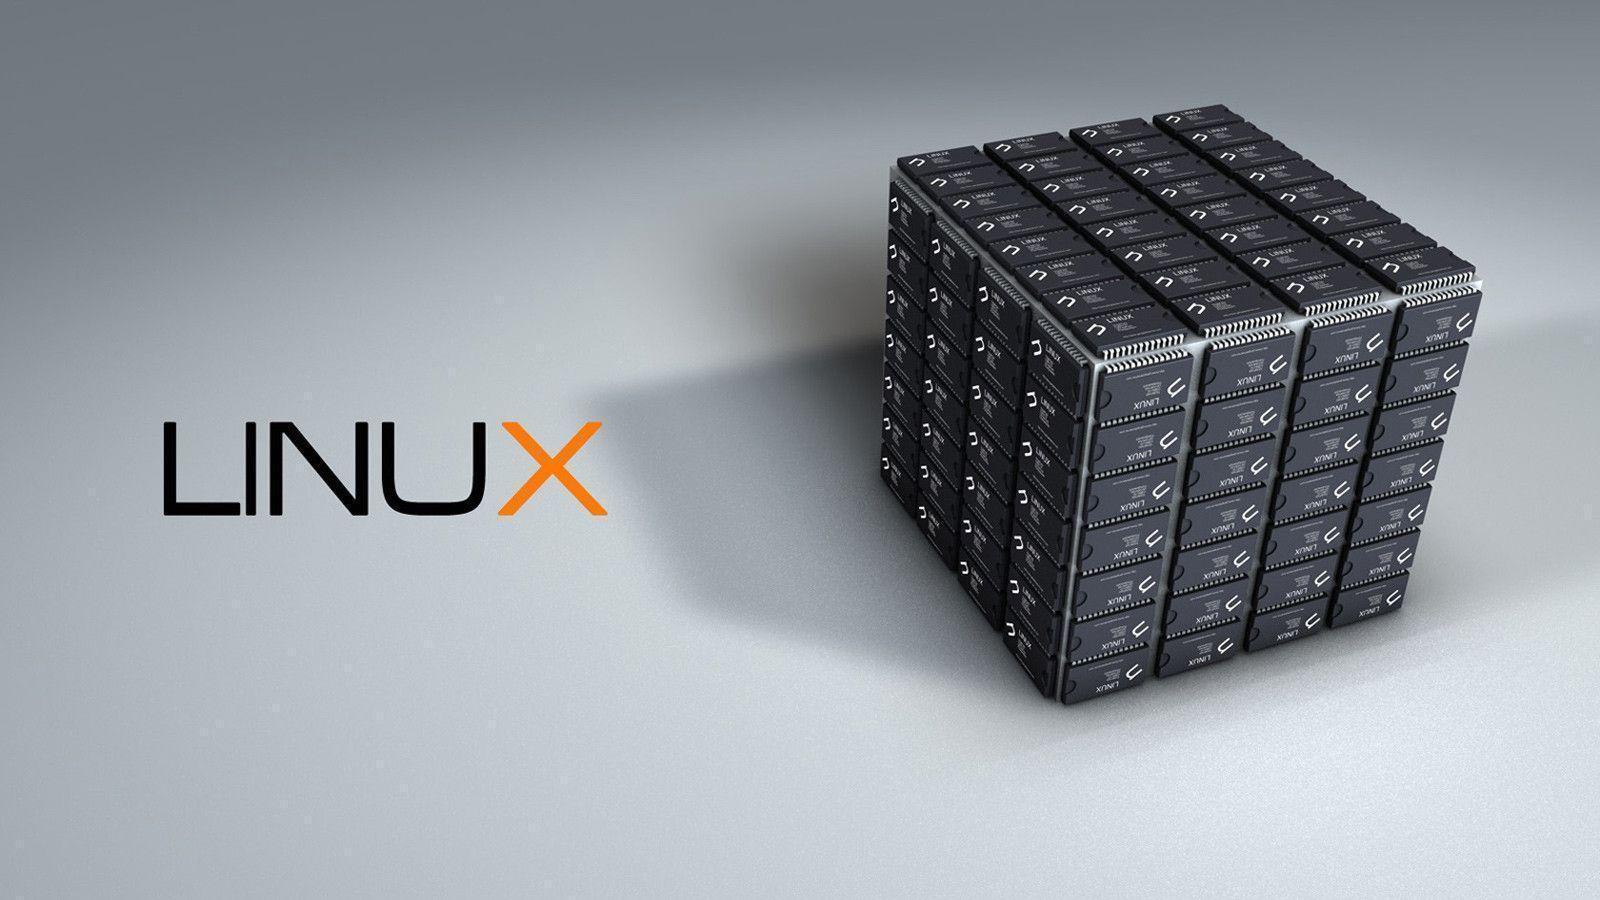 Linux Cubes Fresh New Hd Wallpaper